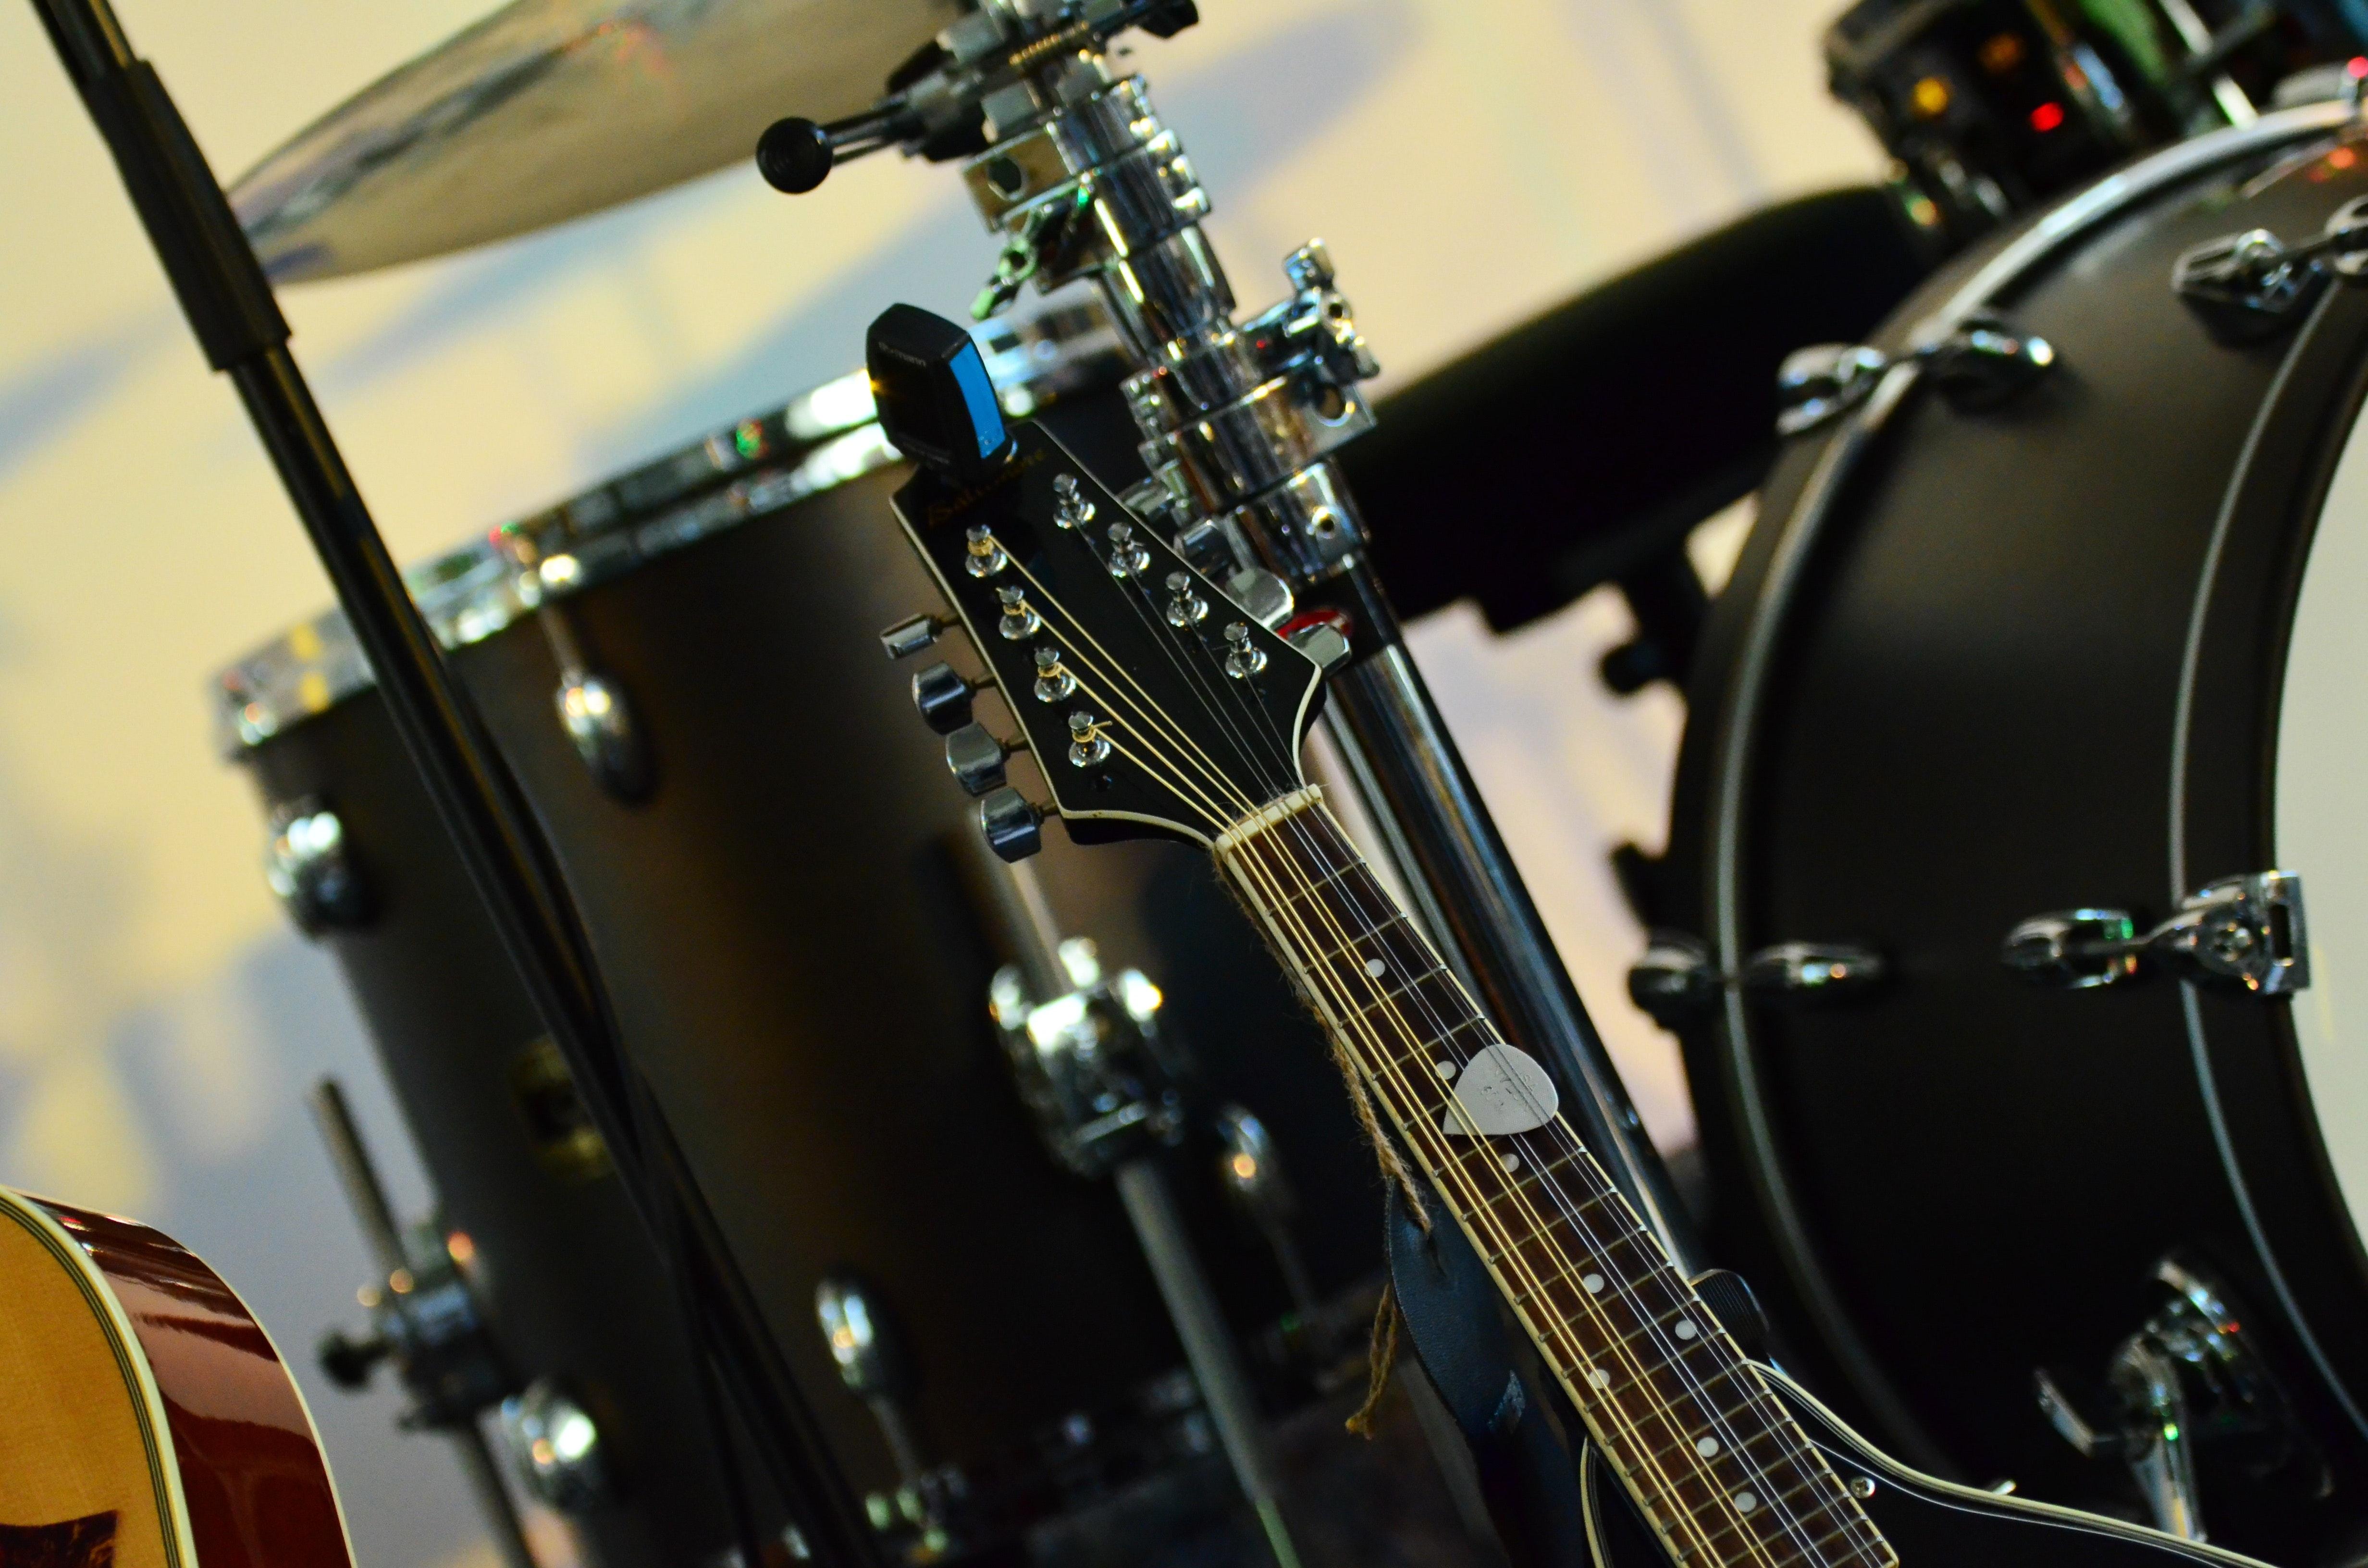 close-up-drums-guitar-35679